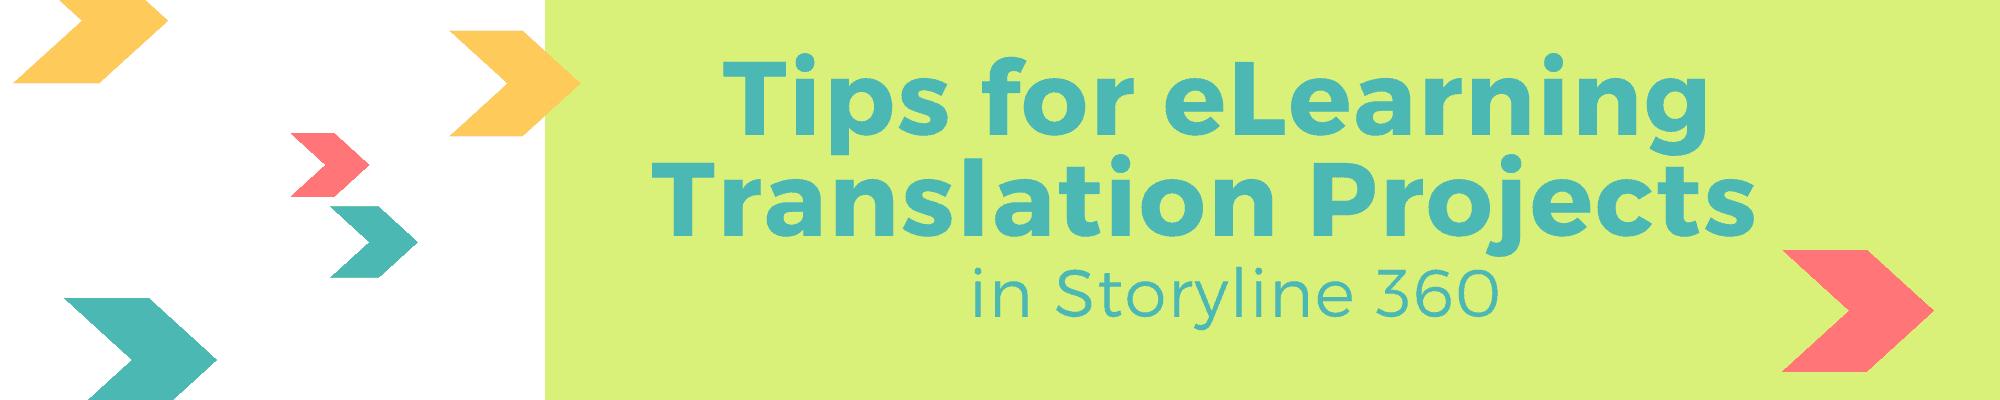 elearning translation for storyline 360